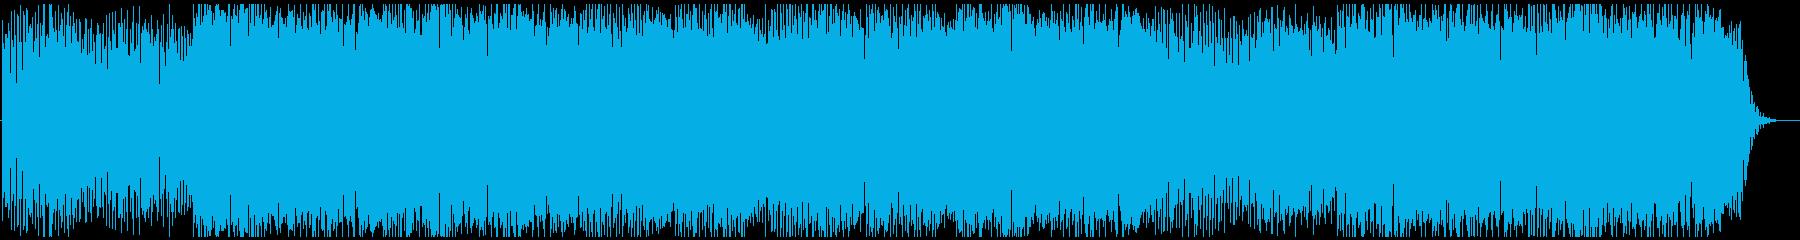 モダン テクノ ドラマチック ファ...の再生済みの波形